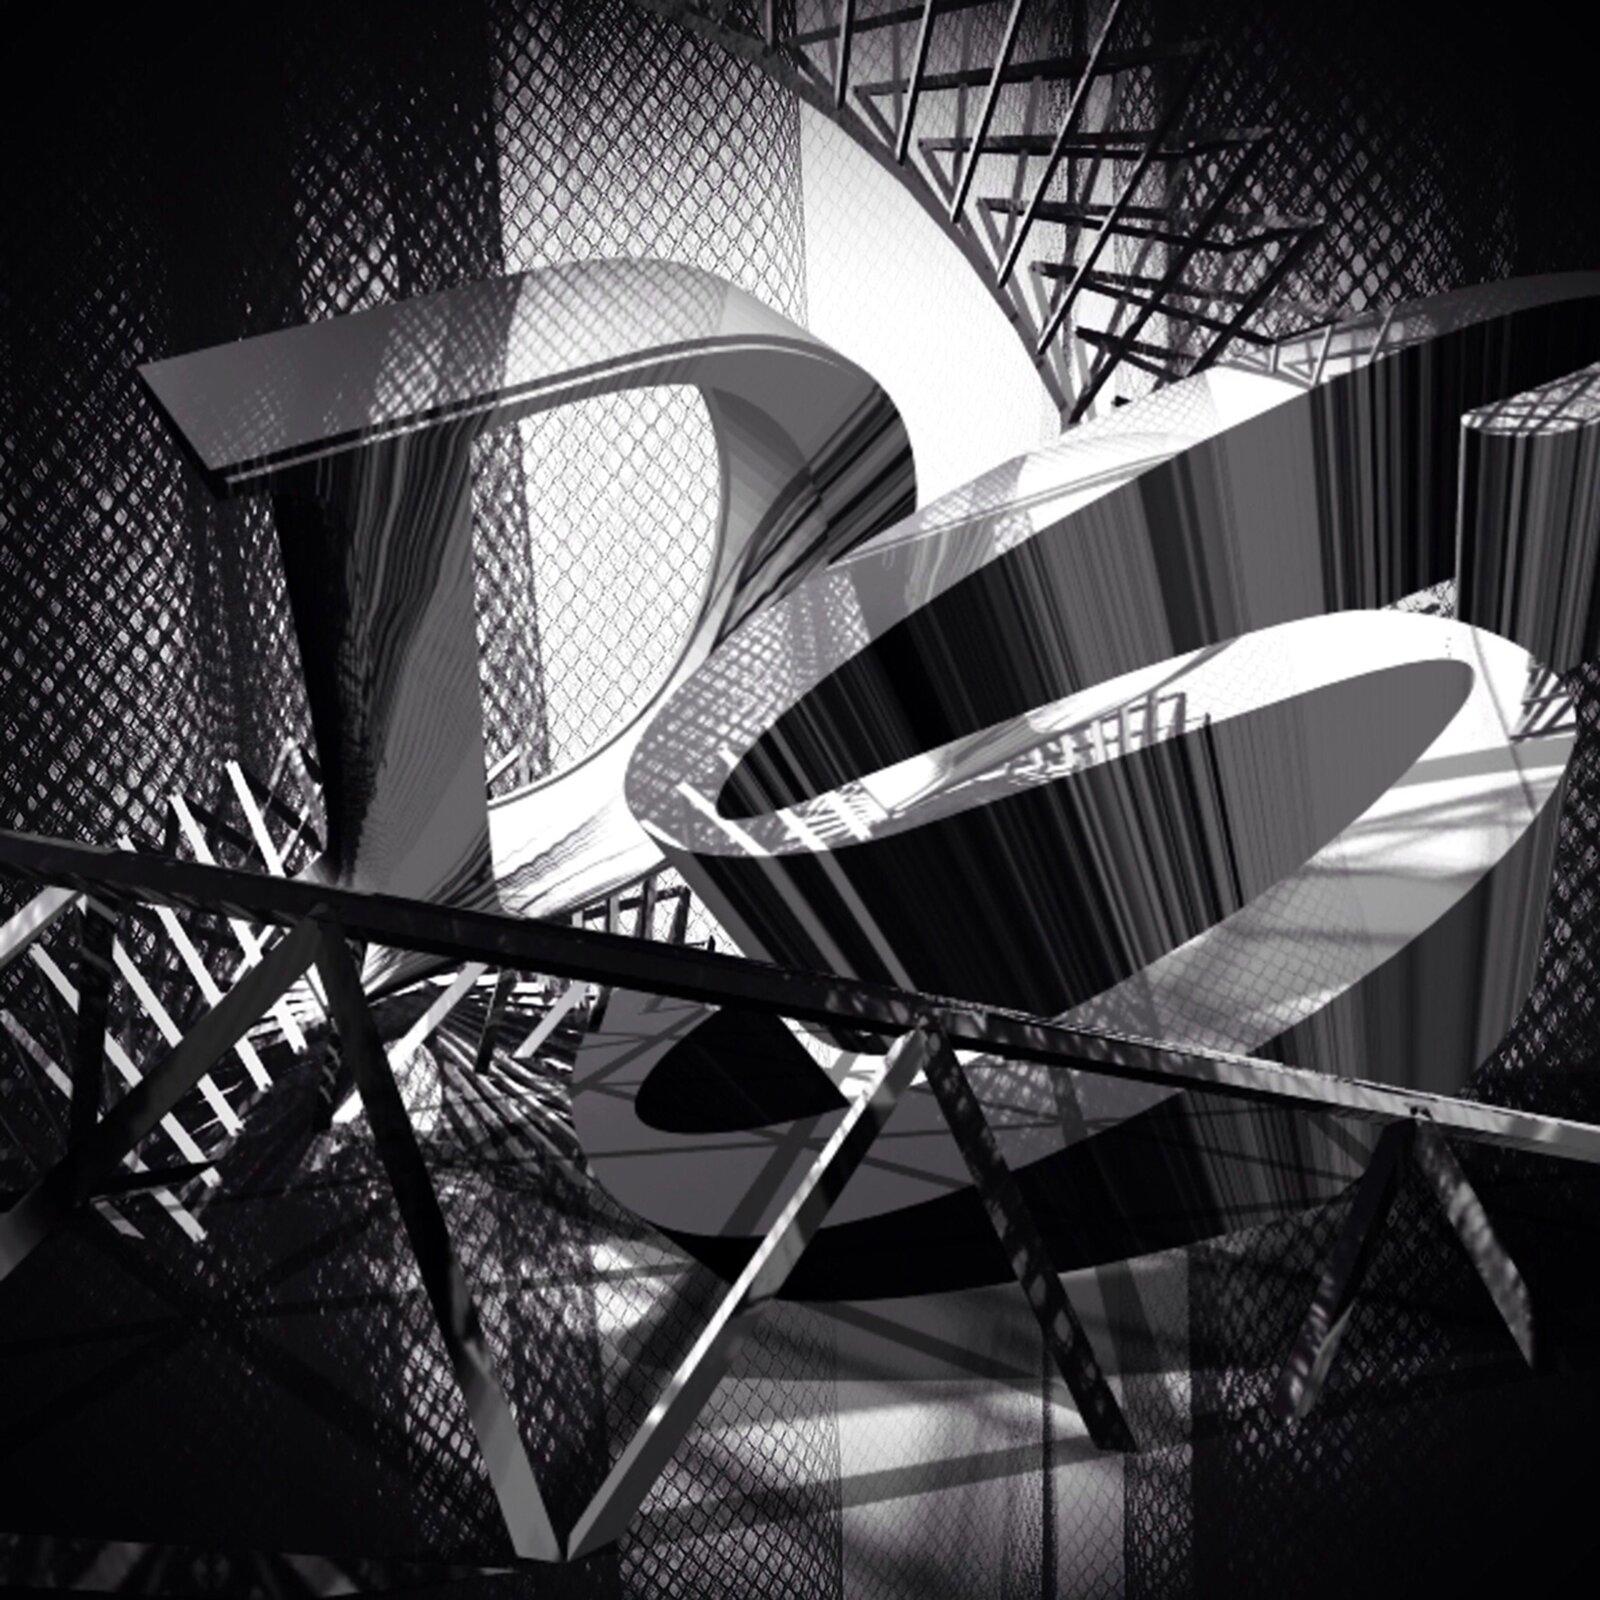 """Ilustracja przedstawia grafika """"Ex libris Muzeum Piśmiennictwa iDrukarstwa wGrębocinie 4"""" autorstwa Agaty Dworzak-Subocz. Wcentrum achromatycznej, czarno-białej, kompozycji znajdują się dwie, przestrzenne litery """"D"""" i""""S"""", otoczone konstrukcjami isiatkami., które rzucają cienie iprzenikają się nawzajem. Centrum pracy jest rozświetlona białym światłem, natomiast otoczenie skrywa mrok. Pełna kontrastów, skosów atakże falujących linii kompozycja odznacza się dużą dynamiką."""